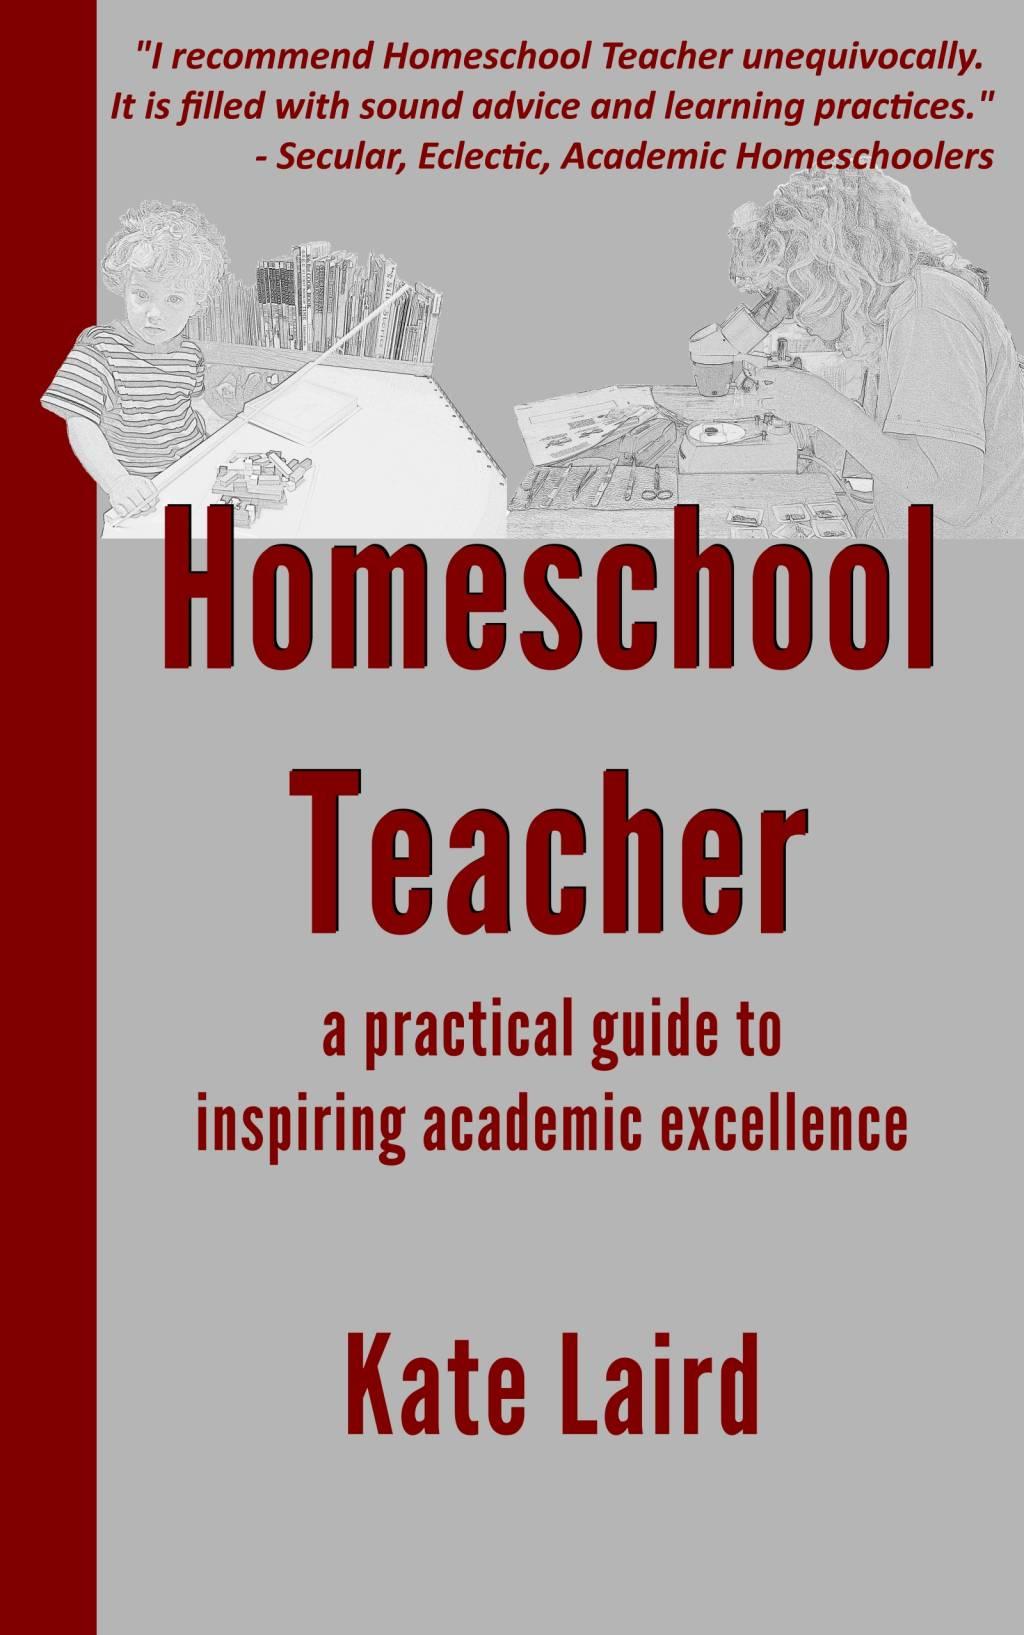 Homeschool Teacher -- a practical guide to inspiring academic ...